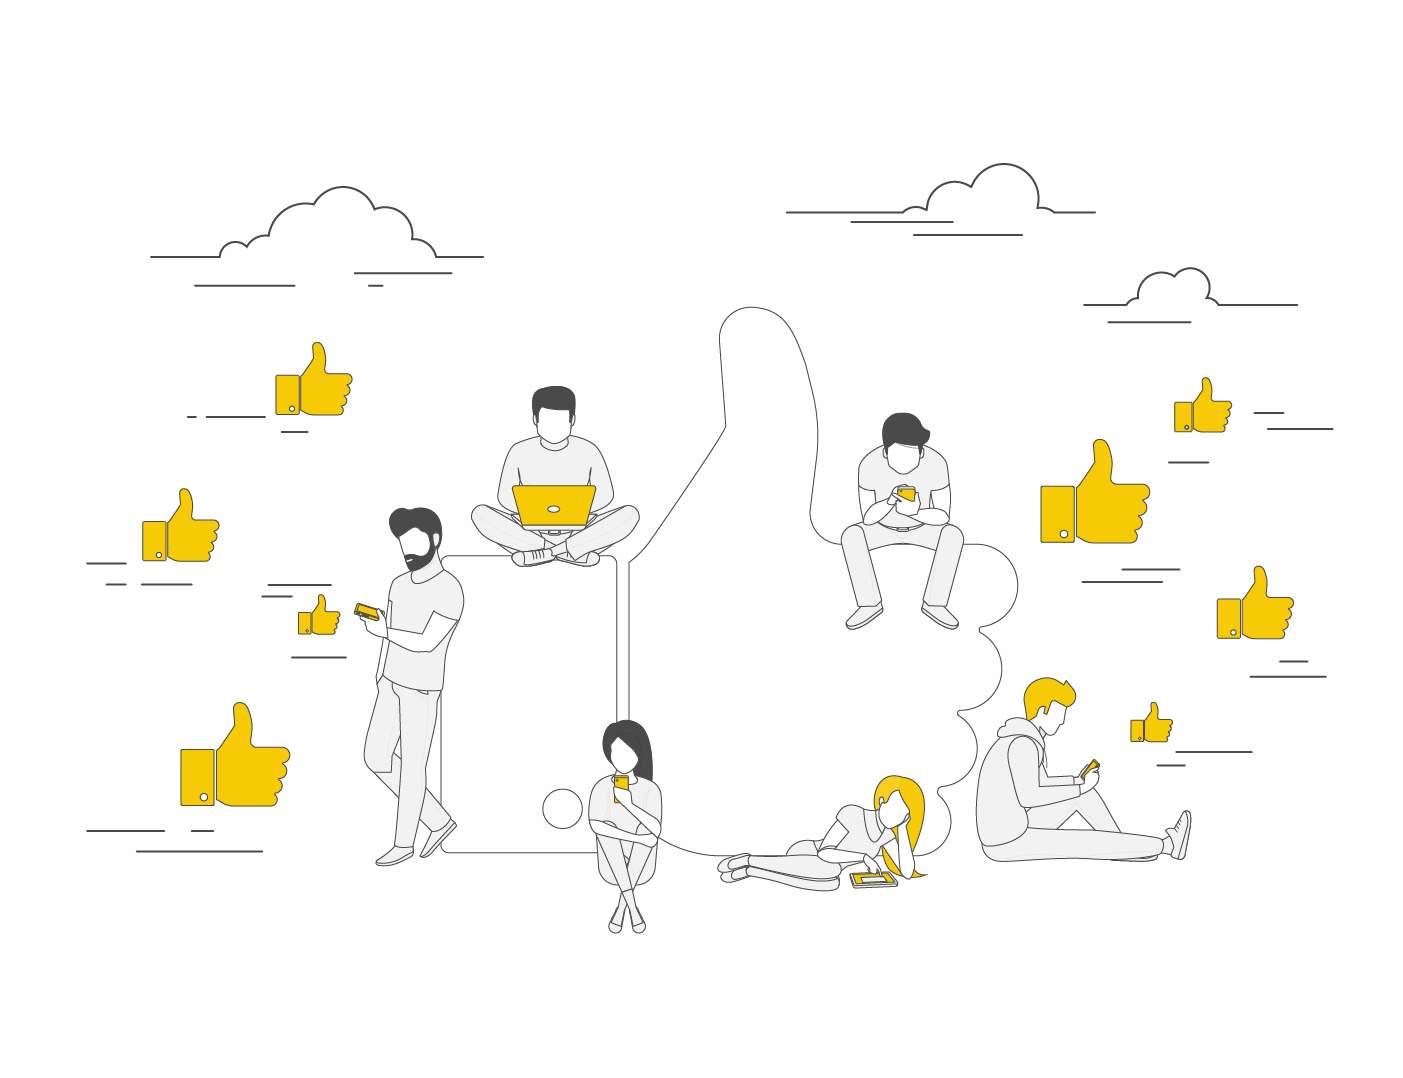 ניהול רשתות חברתיות קטגוריה